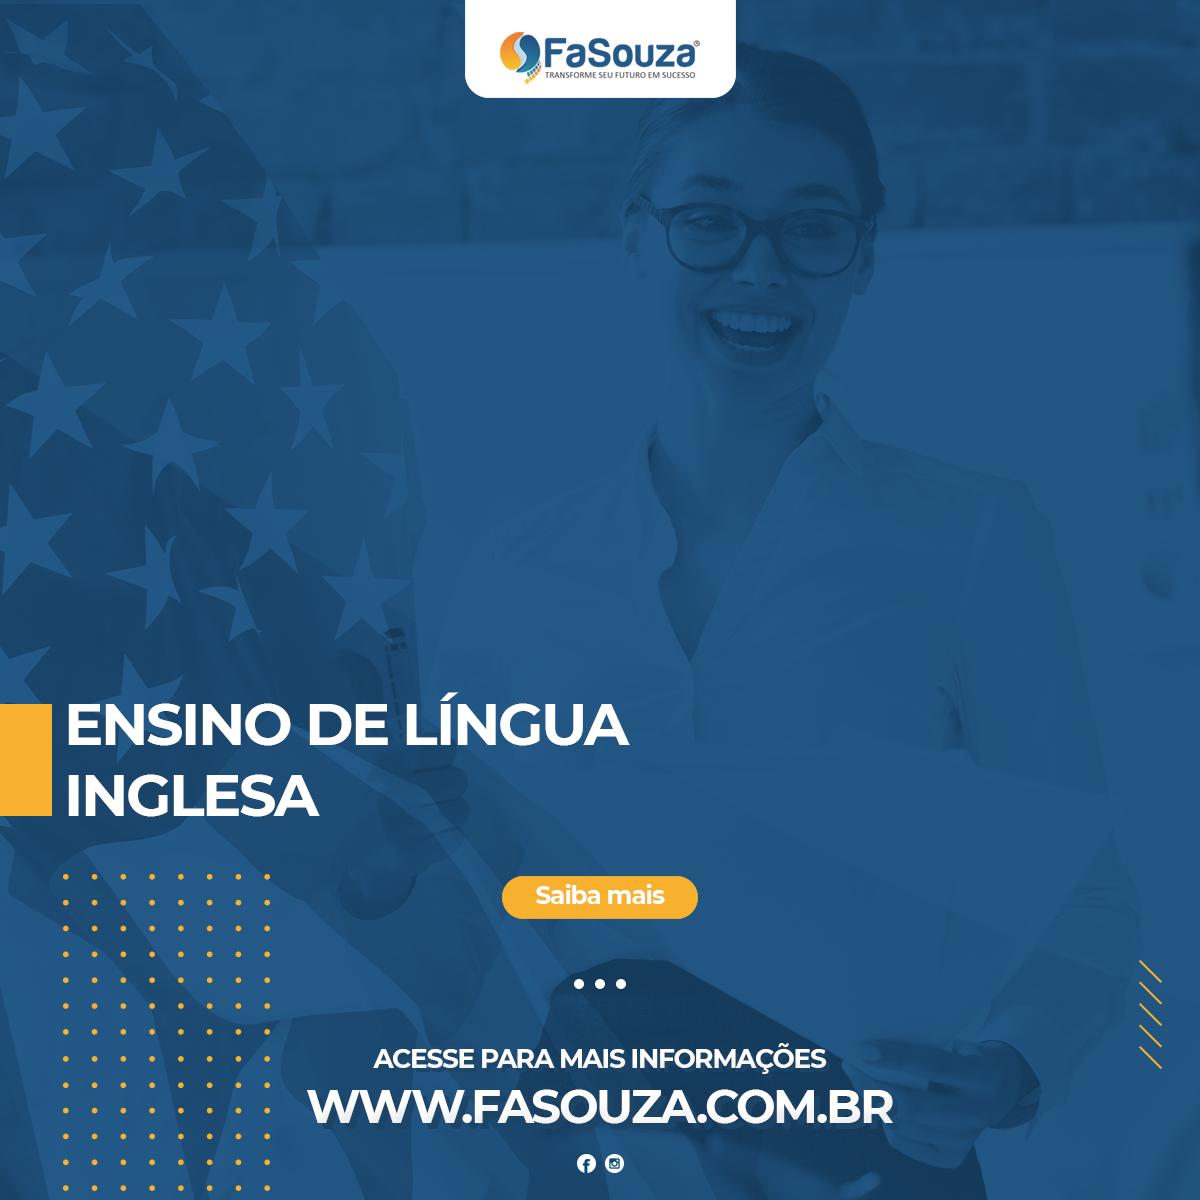 Faculdade FaSouza - ENSINO DE LÍNGUA INGLESA